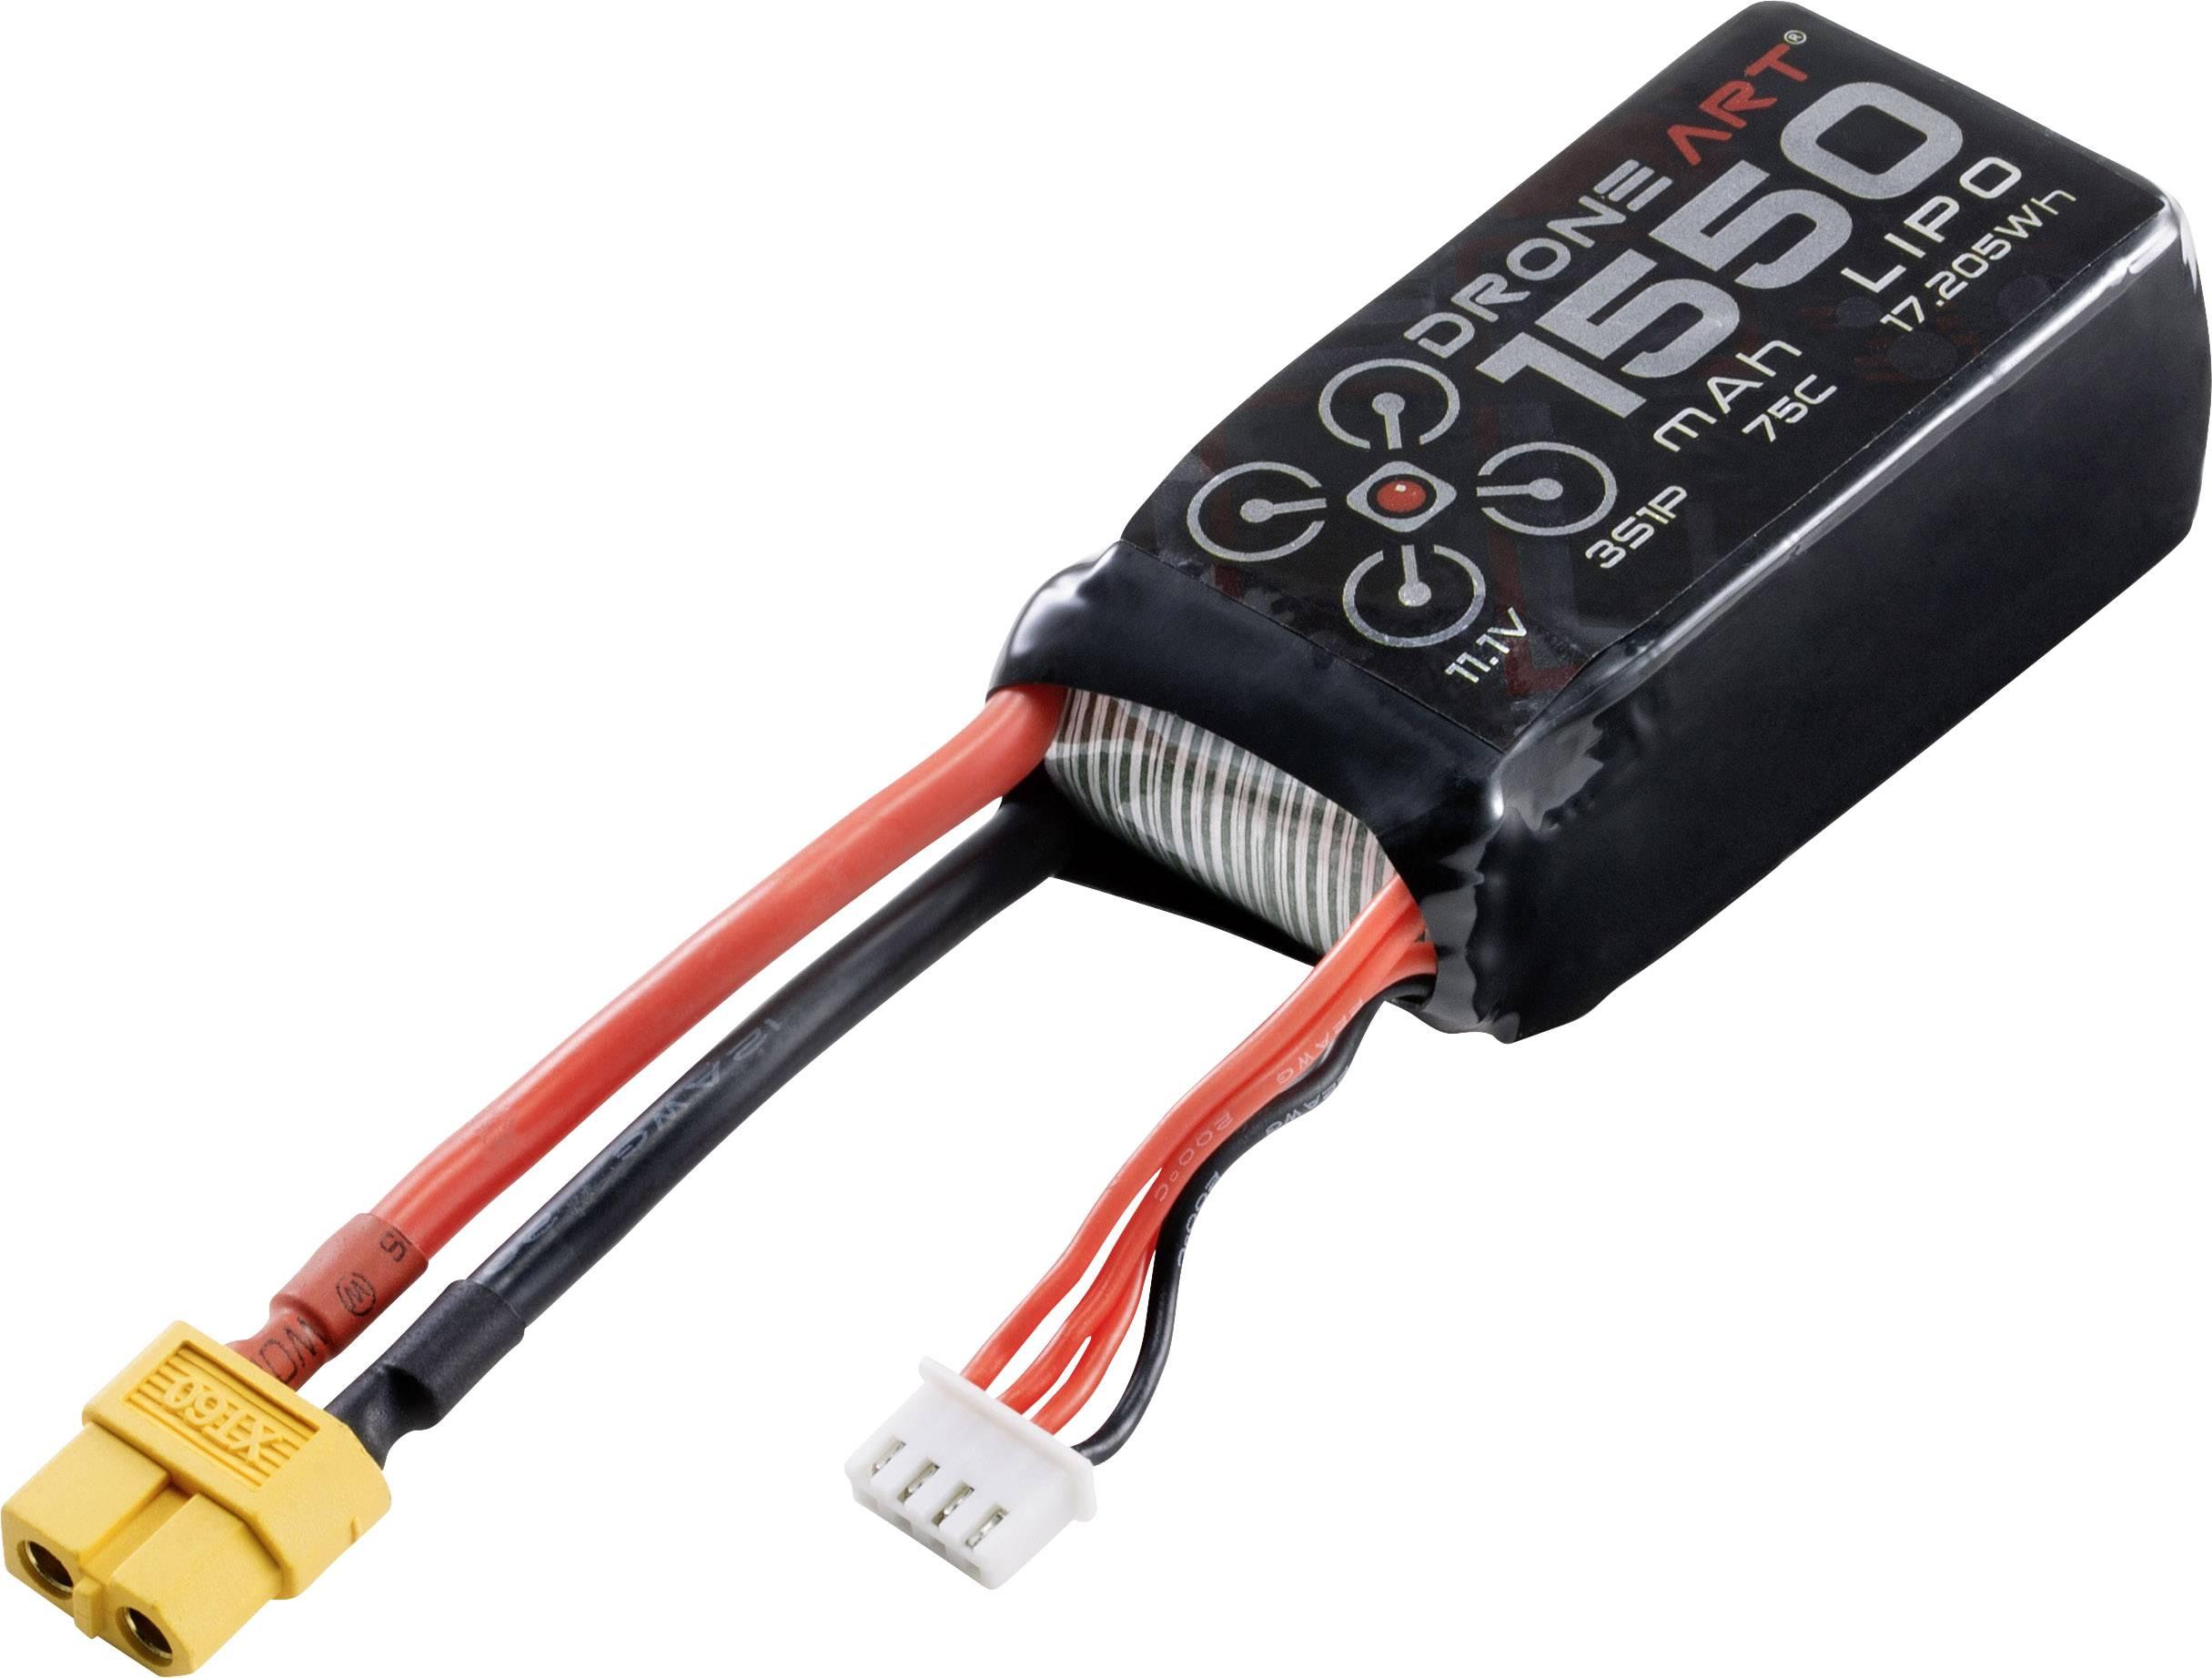 DroneArt Batteria ricaricabile LiPo 11.1 V 1550 mAh Numero di celle: 3 75 C Softcase XT60